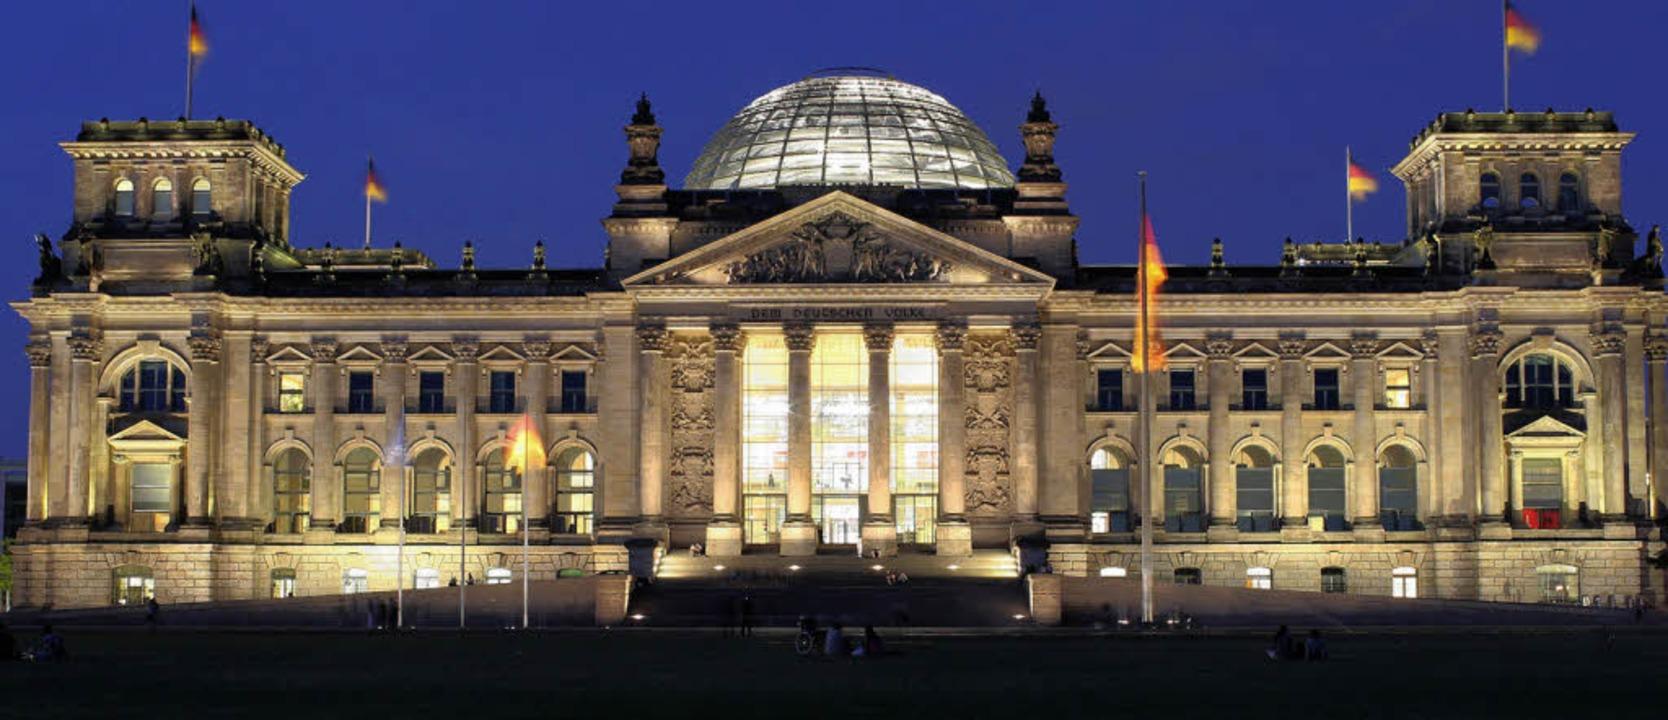 Das wiederaufgebaute Reichstagsgebäude... Norman Foster neu geschaffenen Kuppel  | Foto: dpa(Archiv